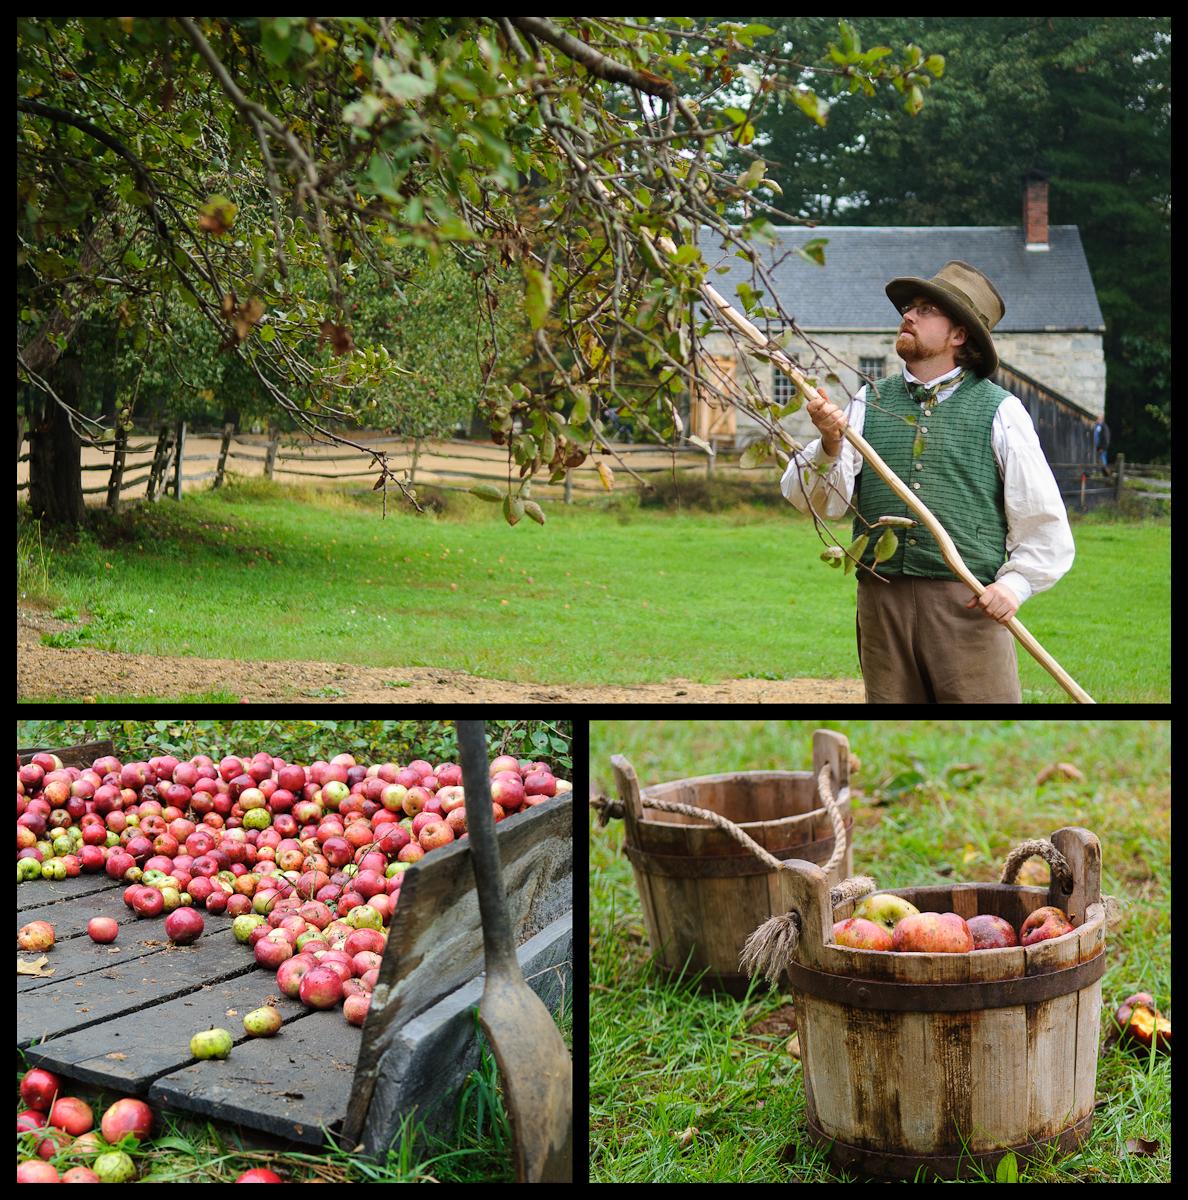 apples at Sturbridge Village